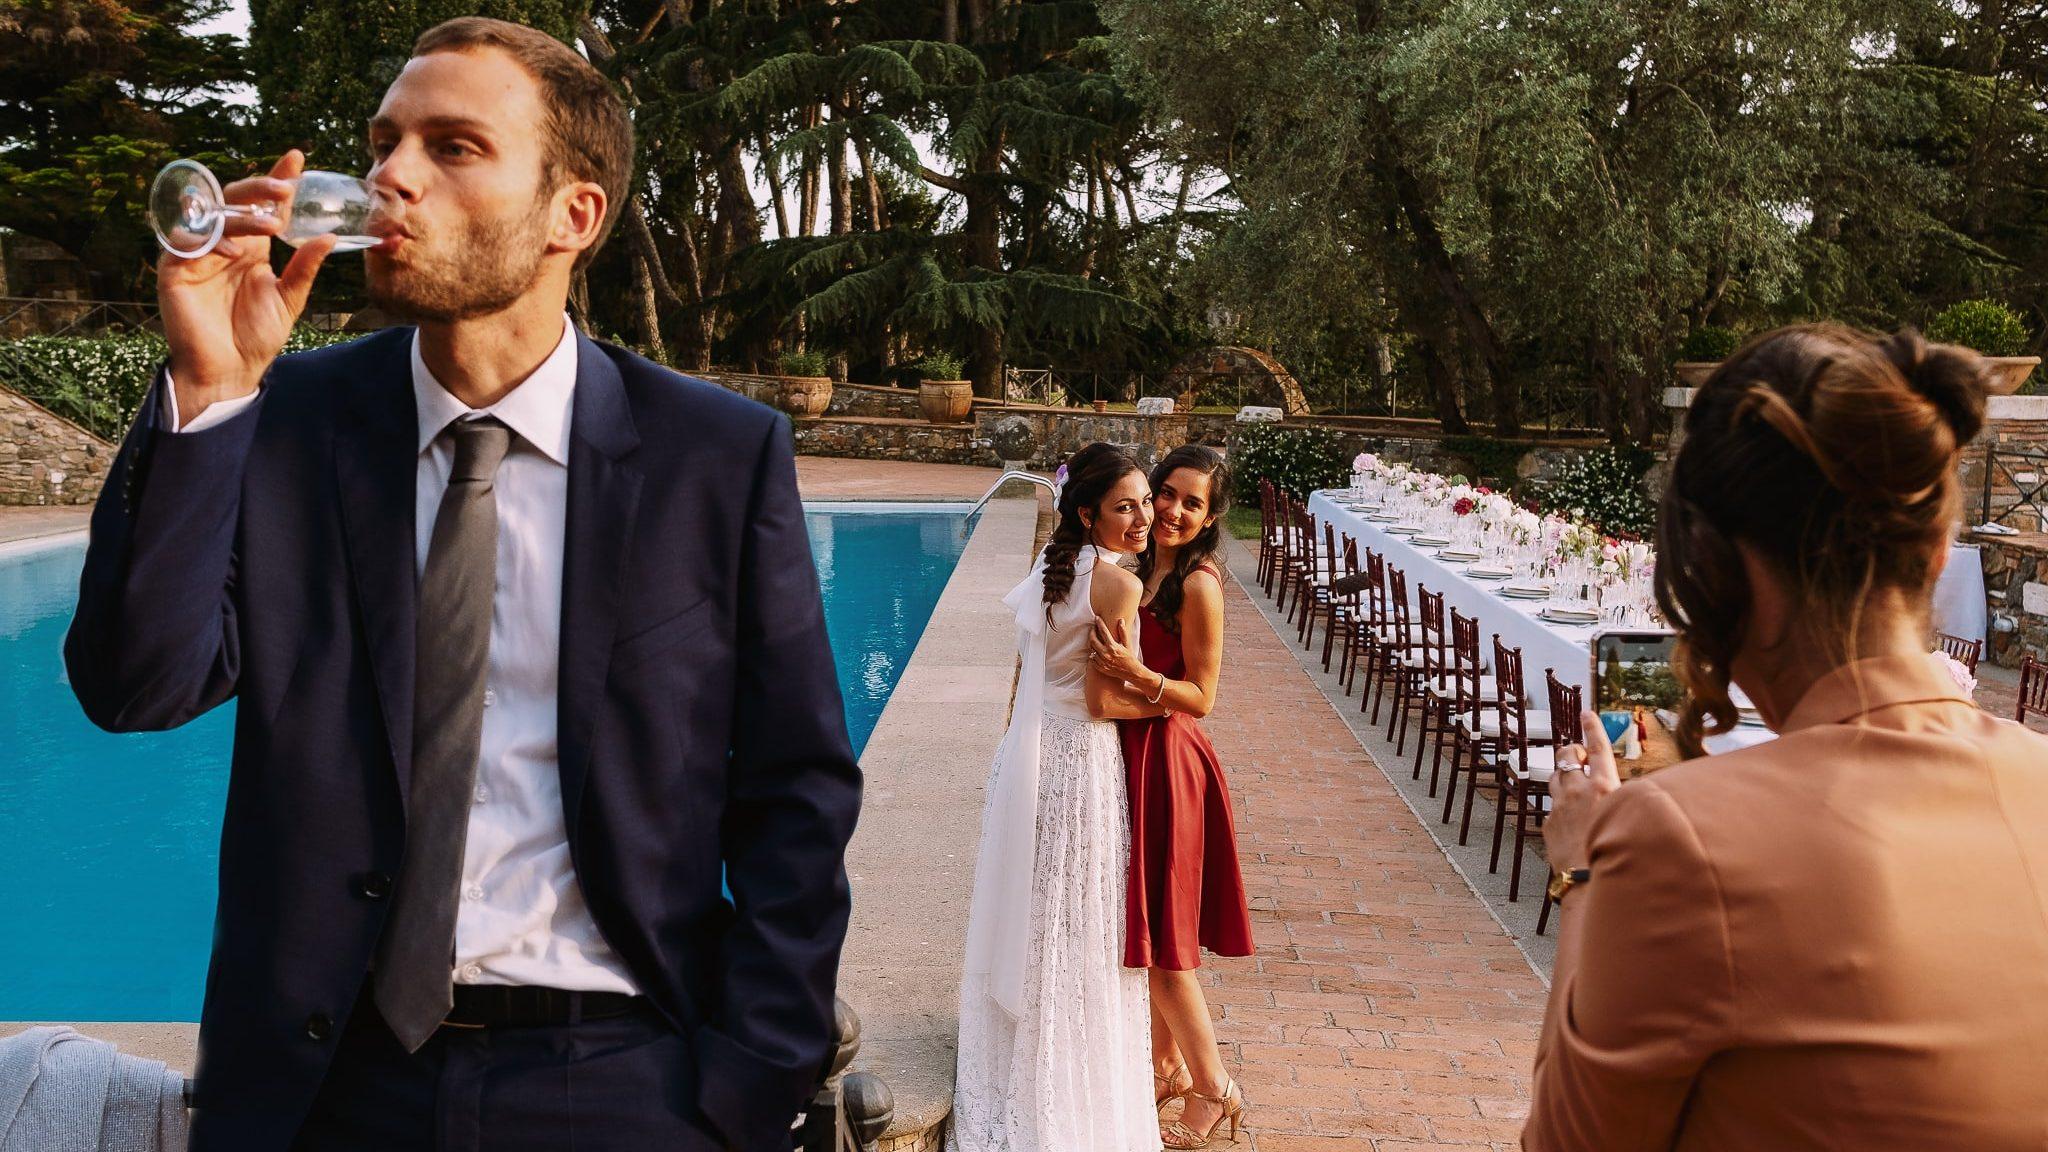 la sposa e la sorella della sposa si fanno fare una foto a bordo piscina dalla testimone mentre un altro invitato beve un prosecco in primo piano